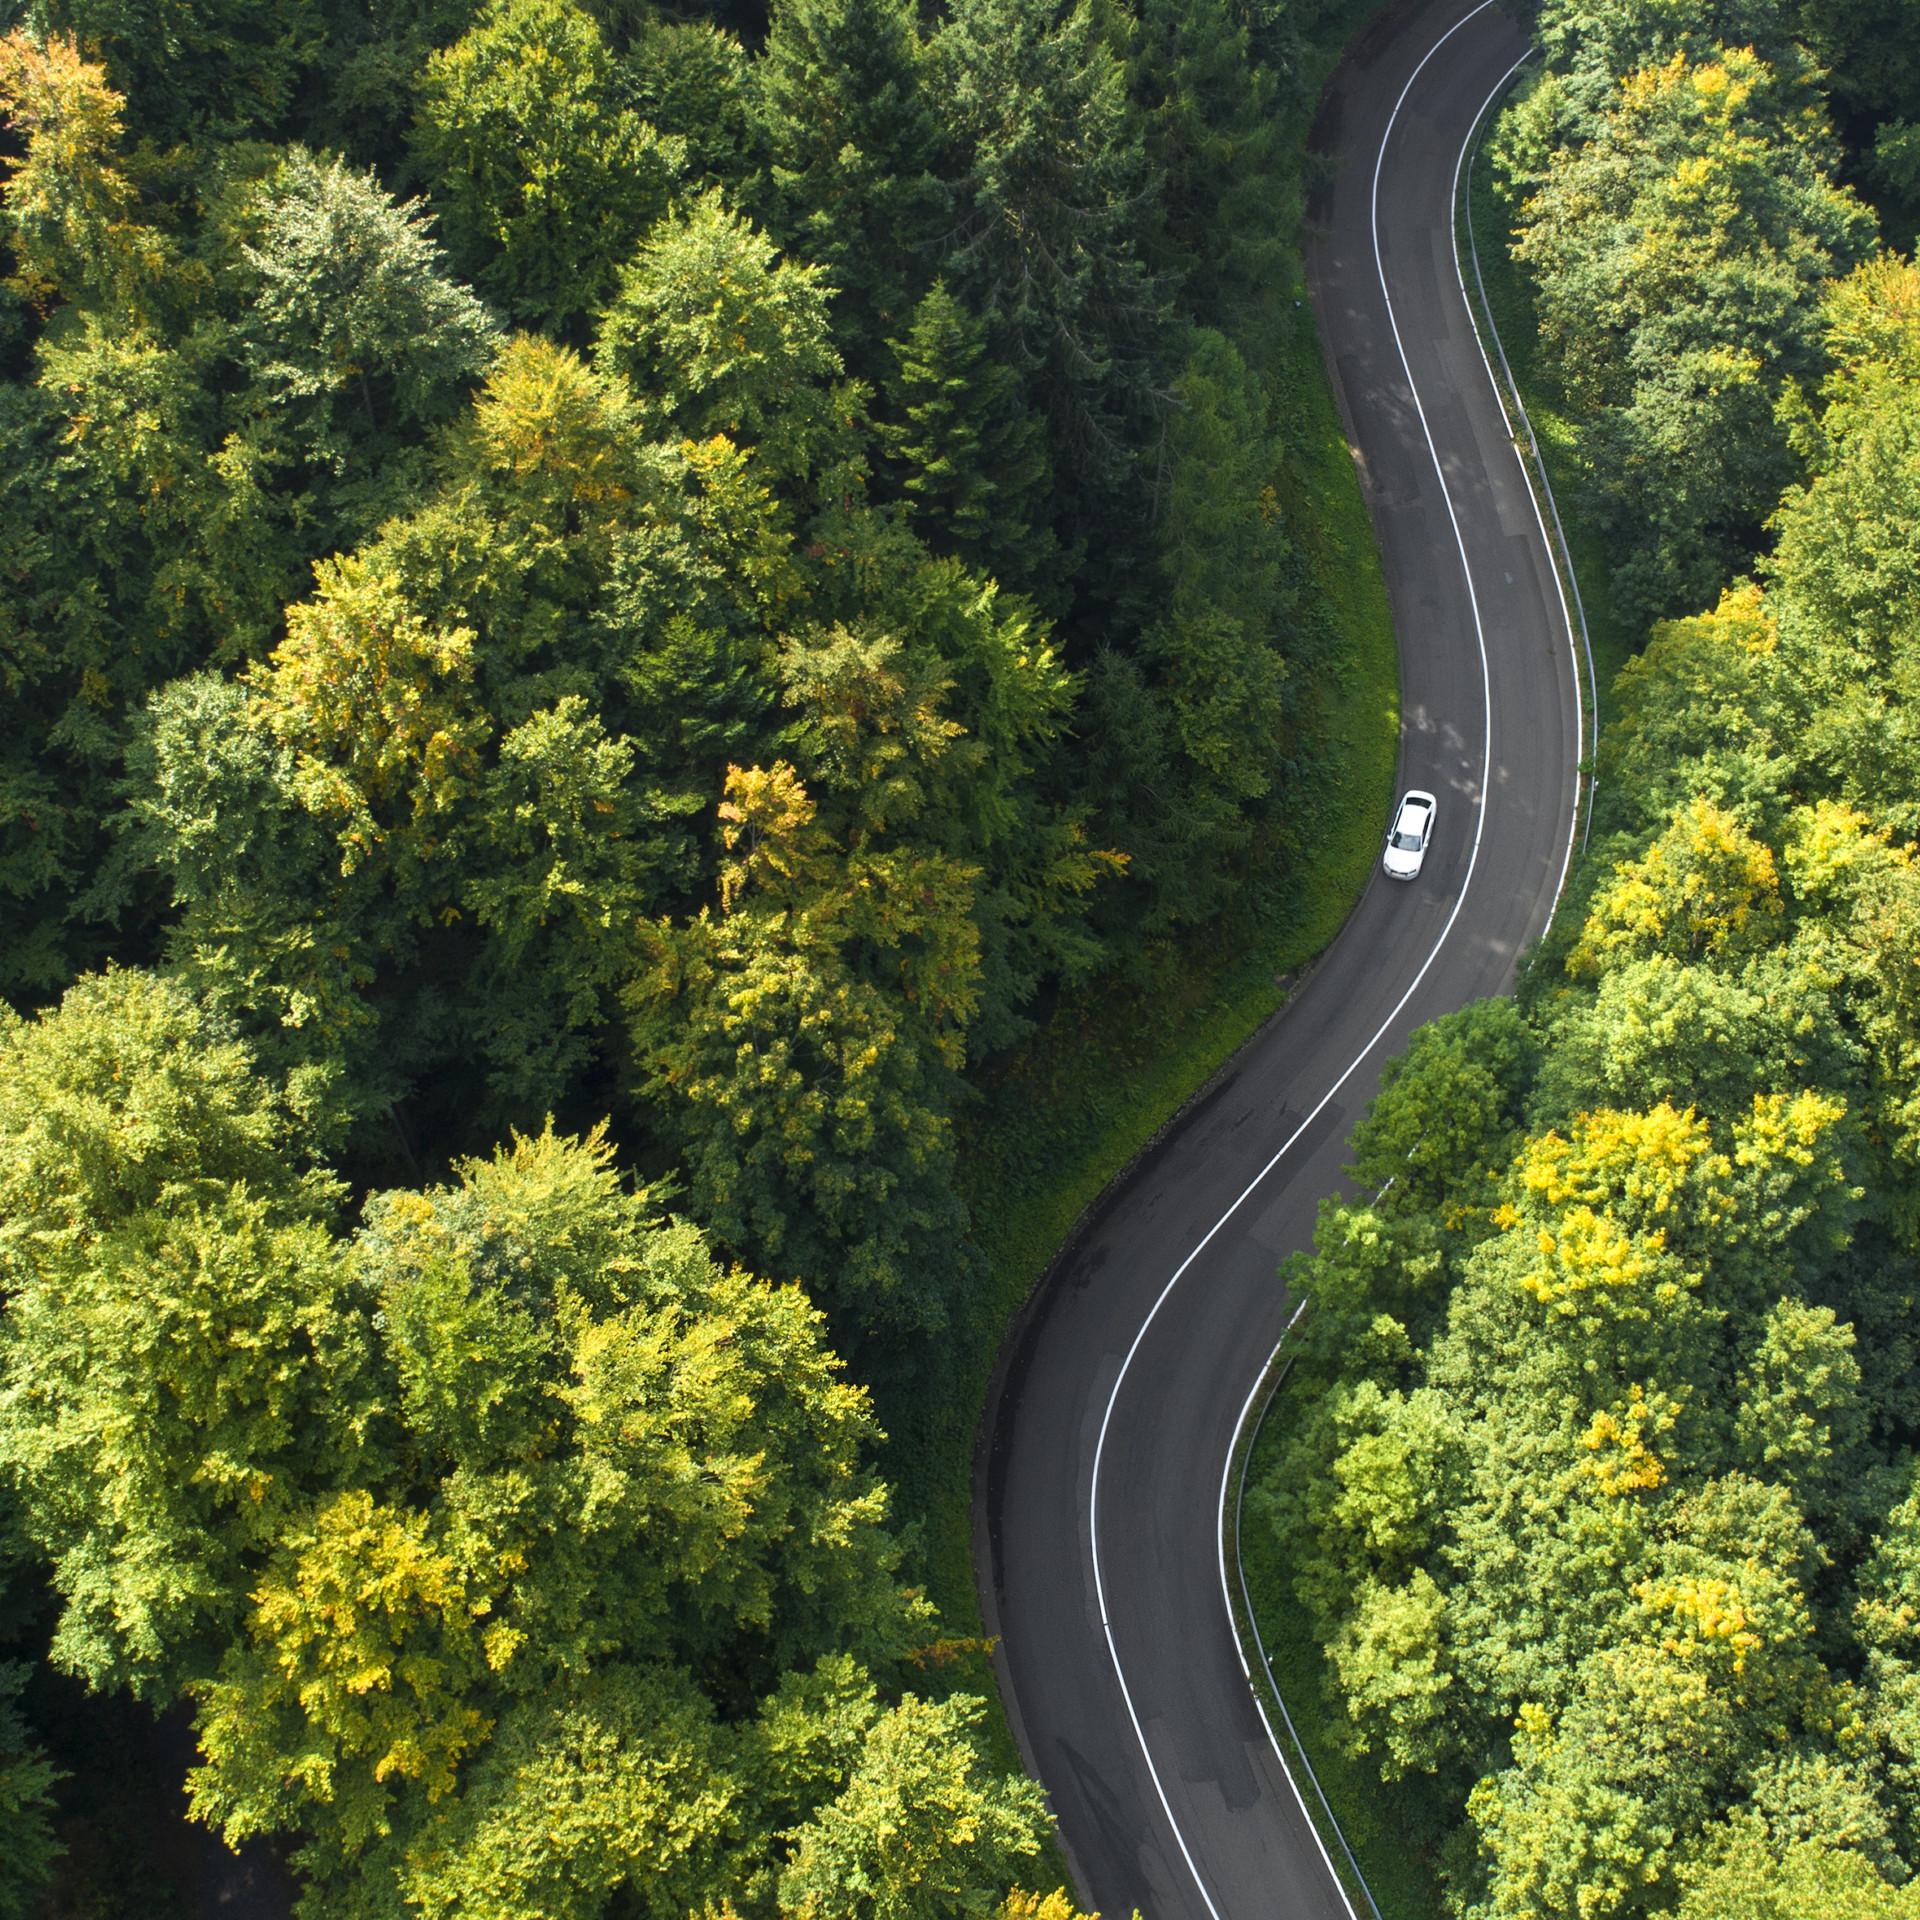 Straße durch den Wald mit Auto